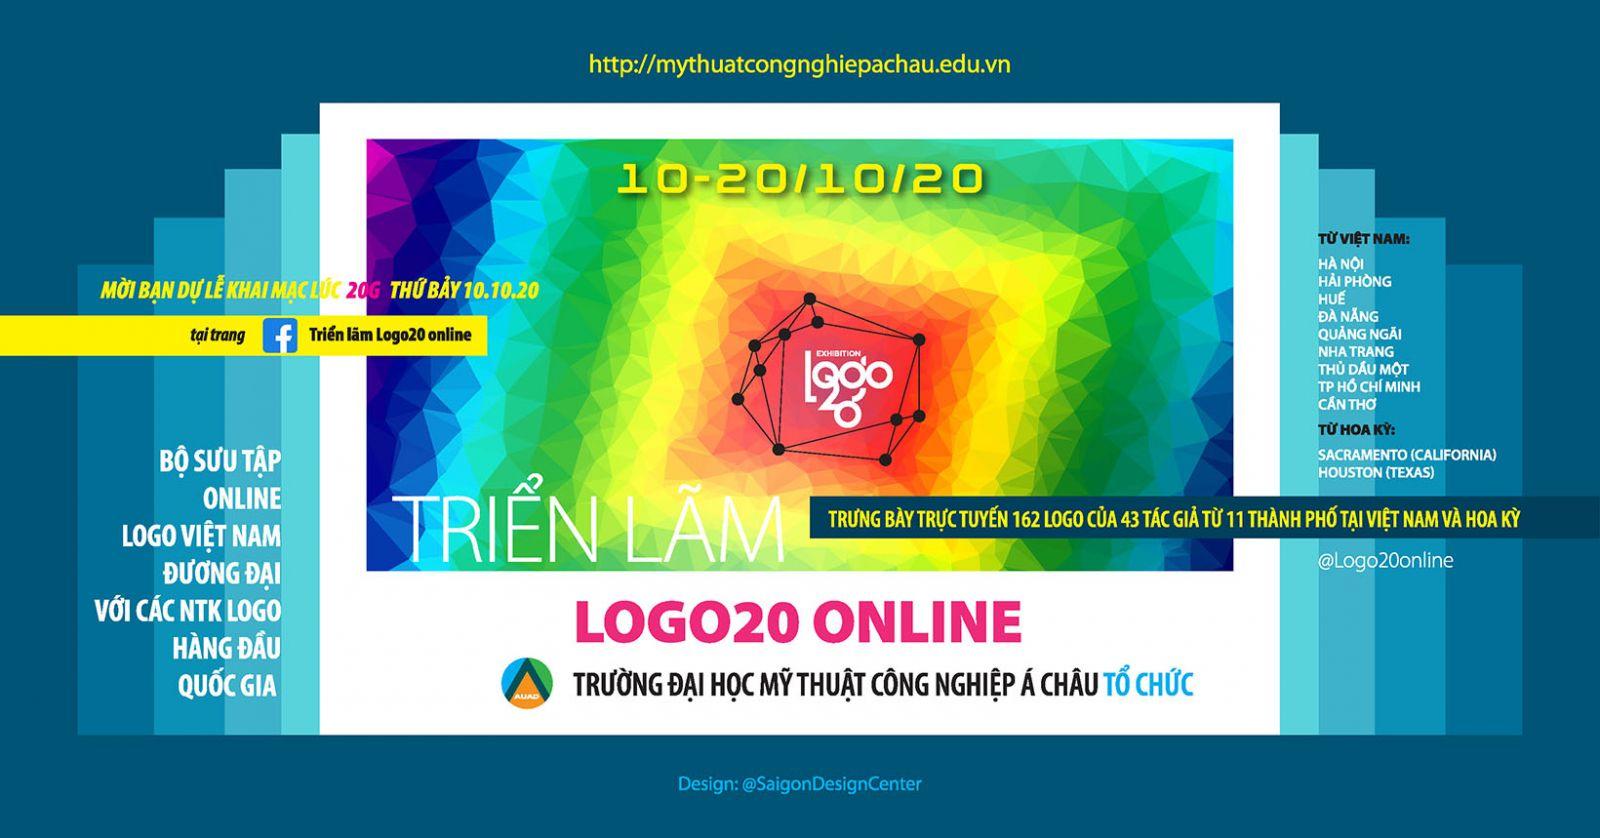 Triển lãm Logo20 trực tuyến đầu tiên ở Việt Nam